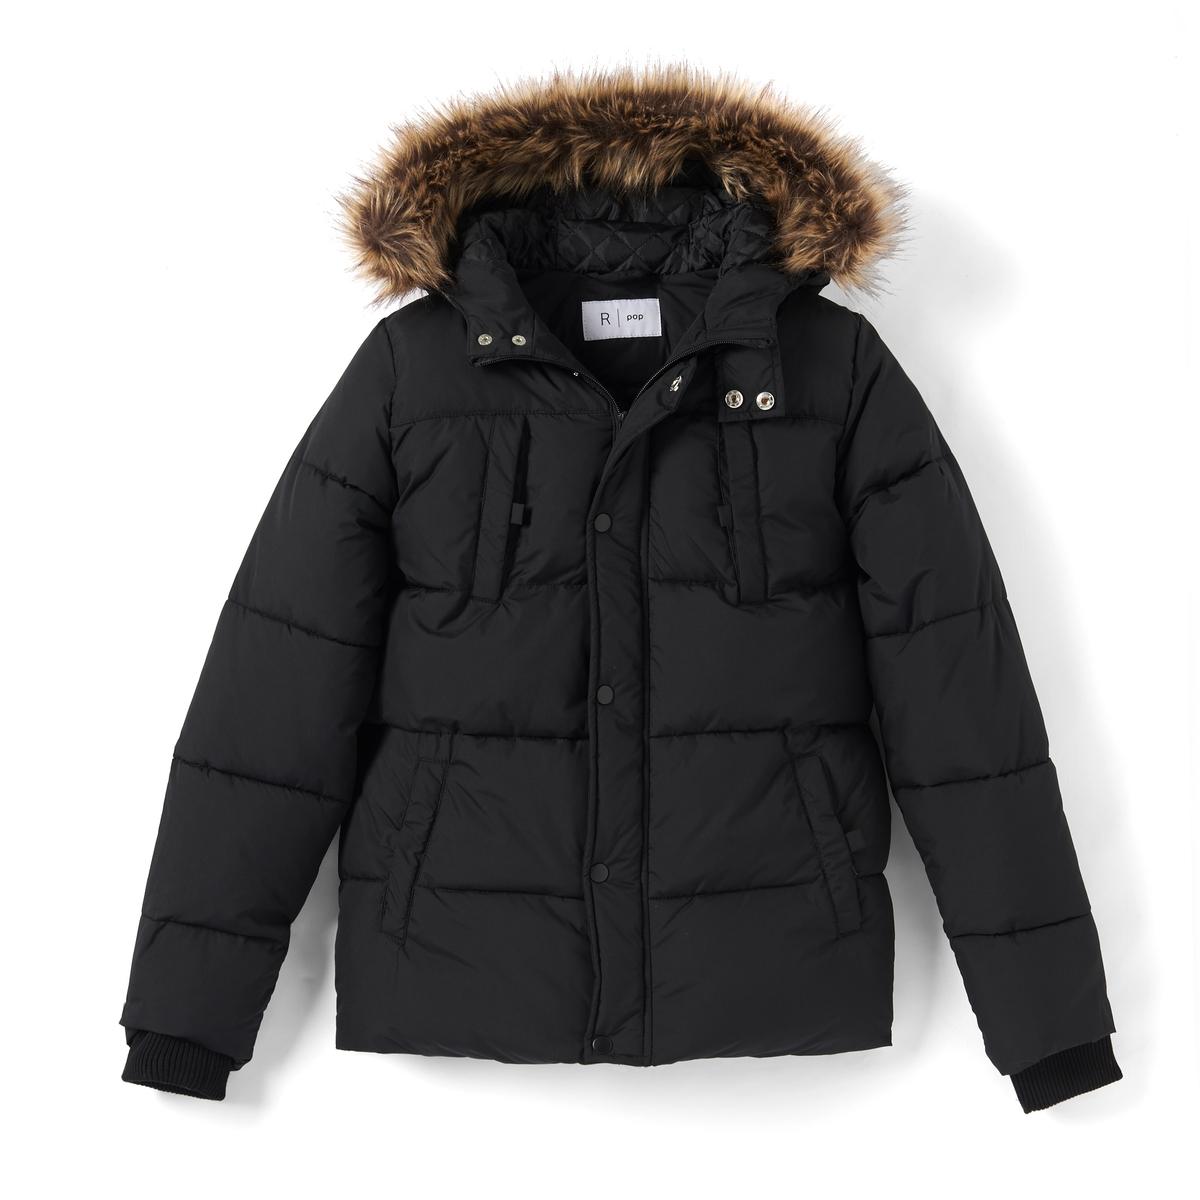 Куртка с капюшономОписание:Детали •  Зимняя модель •  Непромокаемая •  Застежка на молнию •  С капюшоном •  Длина  : укороченнаяСостав и уход •  100% полиэстер •  Подкладка : 100% полиэстер •  Наполнитель : 100% полиэстер •  Температура стирки 30° •  Не гладить / не отбеливать   •  Не использовать барабанную сушку   • Сухая чистка запрещена<br><br>Цвет: черный<br>Размер: 10 лет - 138 см.16 лет - 174 см.14 лет - 162 см.12 лет -150 см